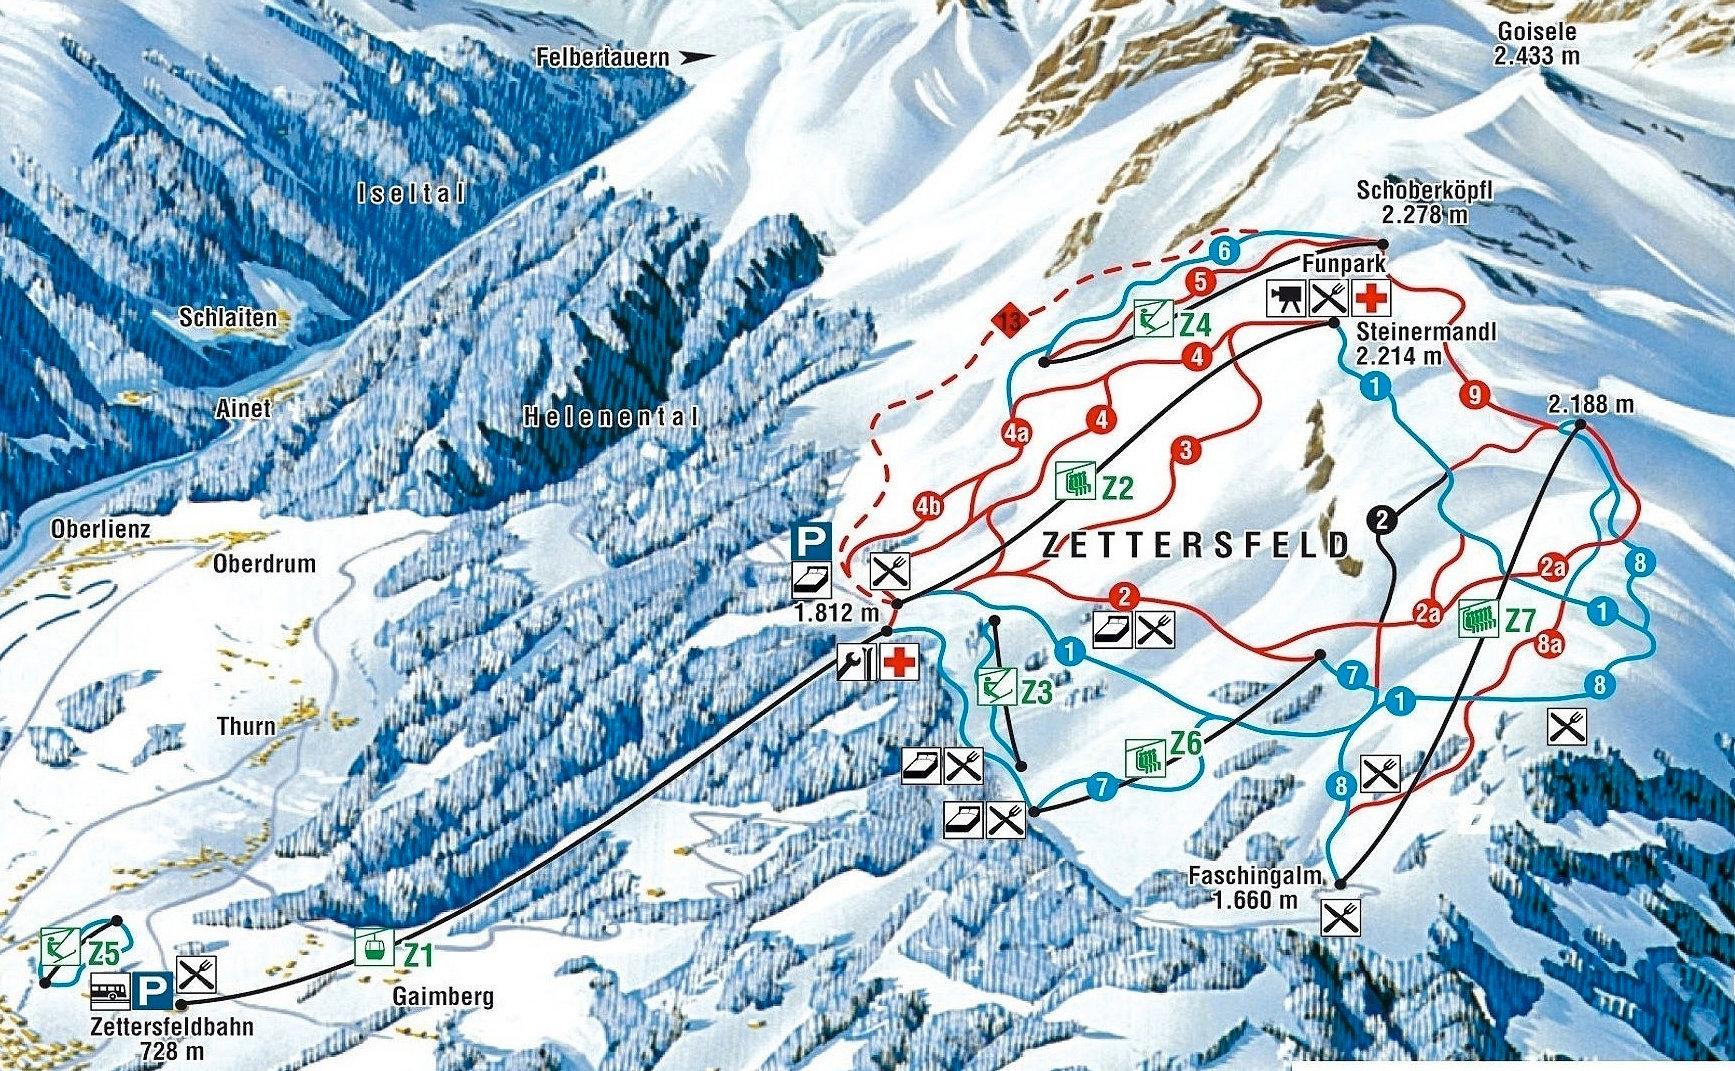 Lyžařská mapa sjezdovek areálu Zettersfeld / Hochlienz